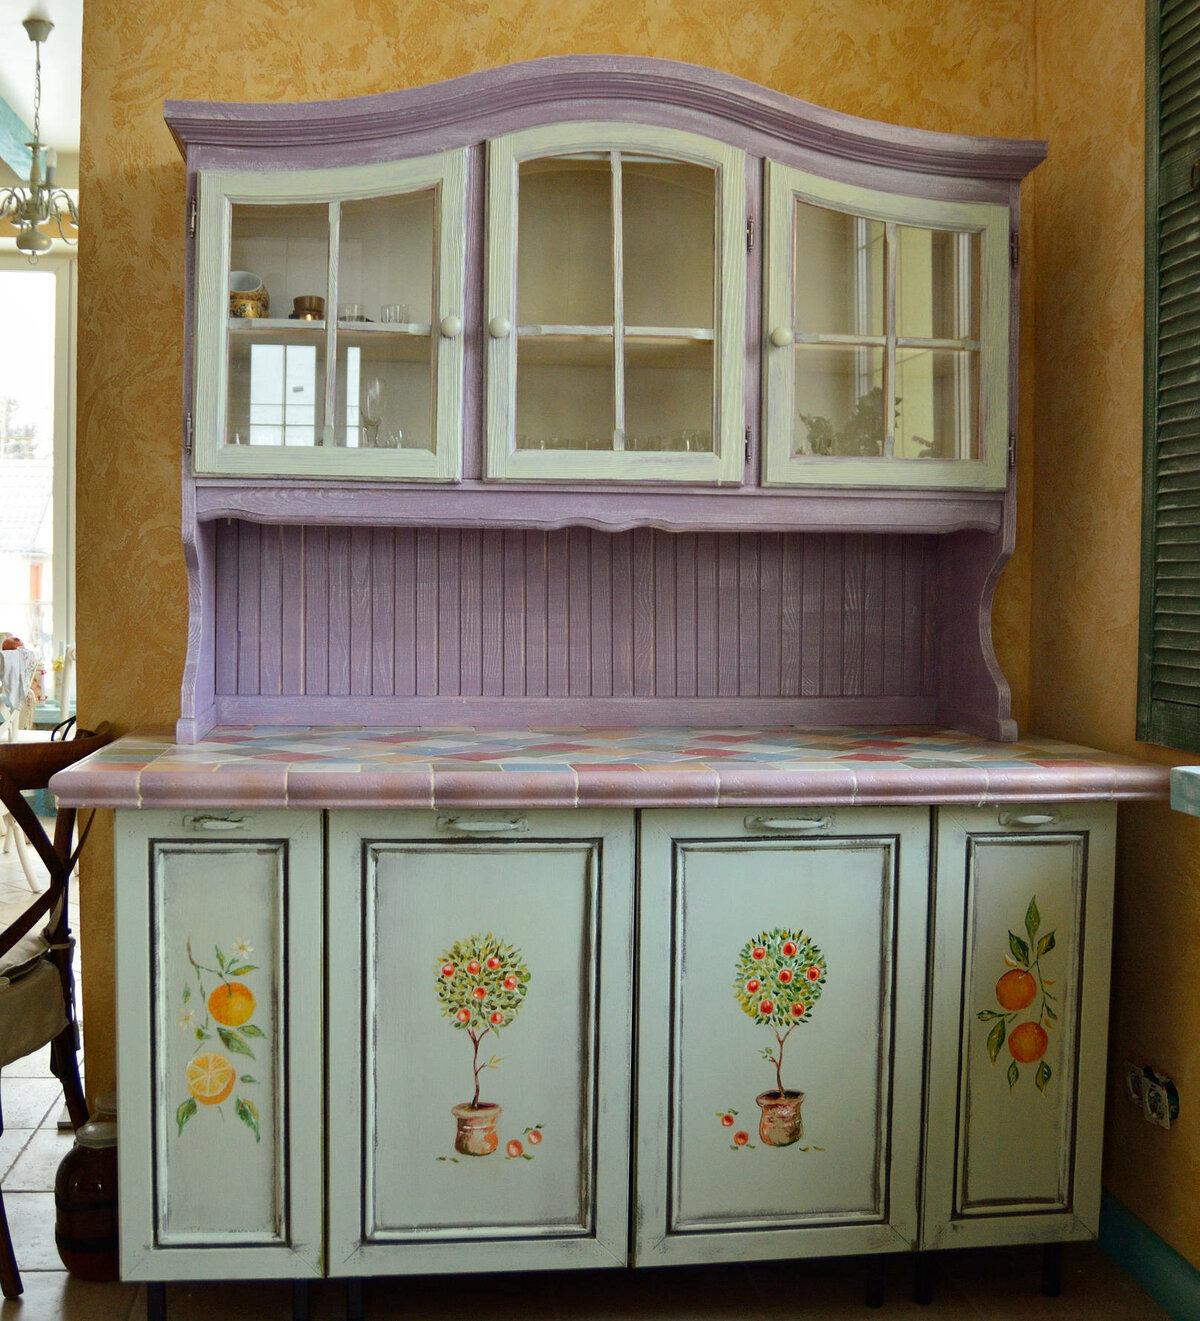 реставрация кухонной мебели своими руками картинки помощью